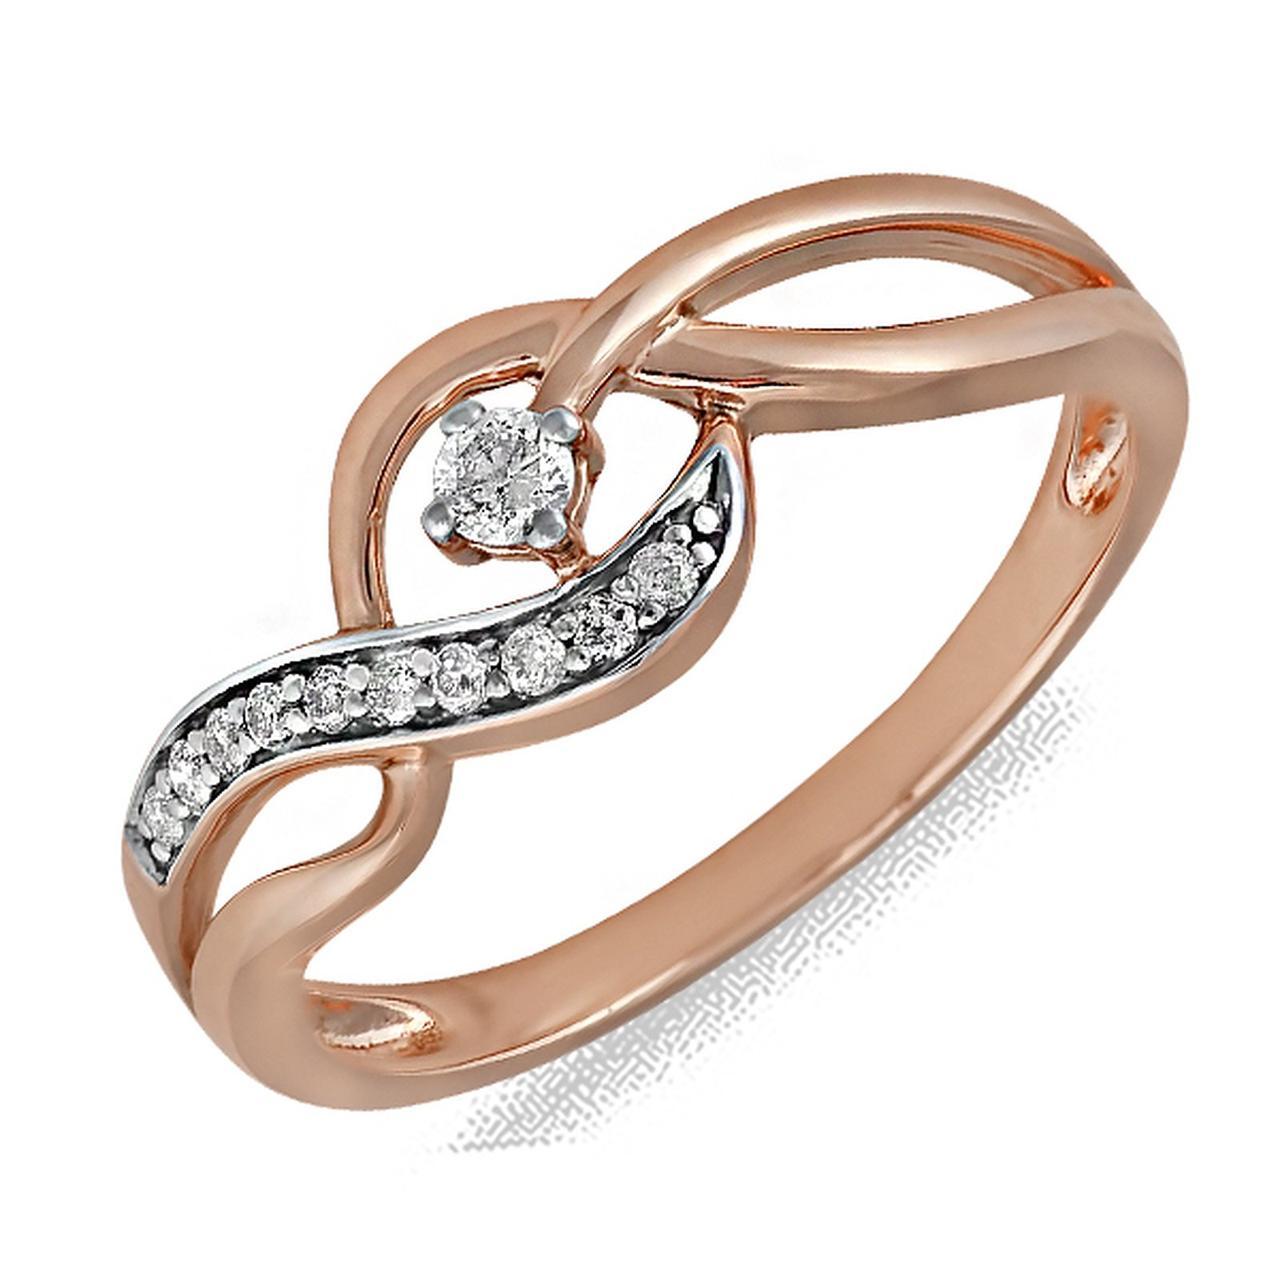 Золотое кольцо с бриллиантами, размер 17 (078706)